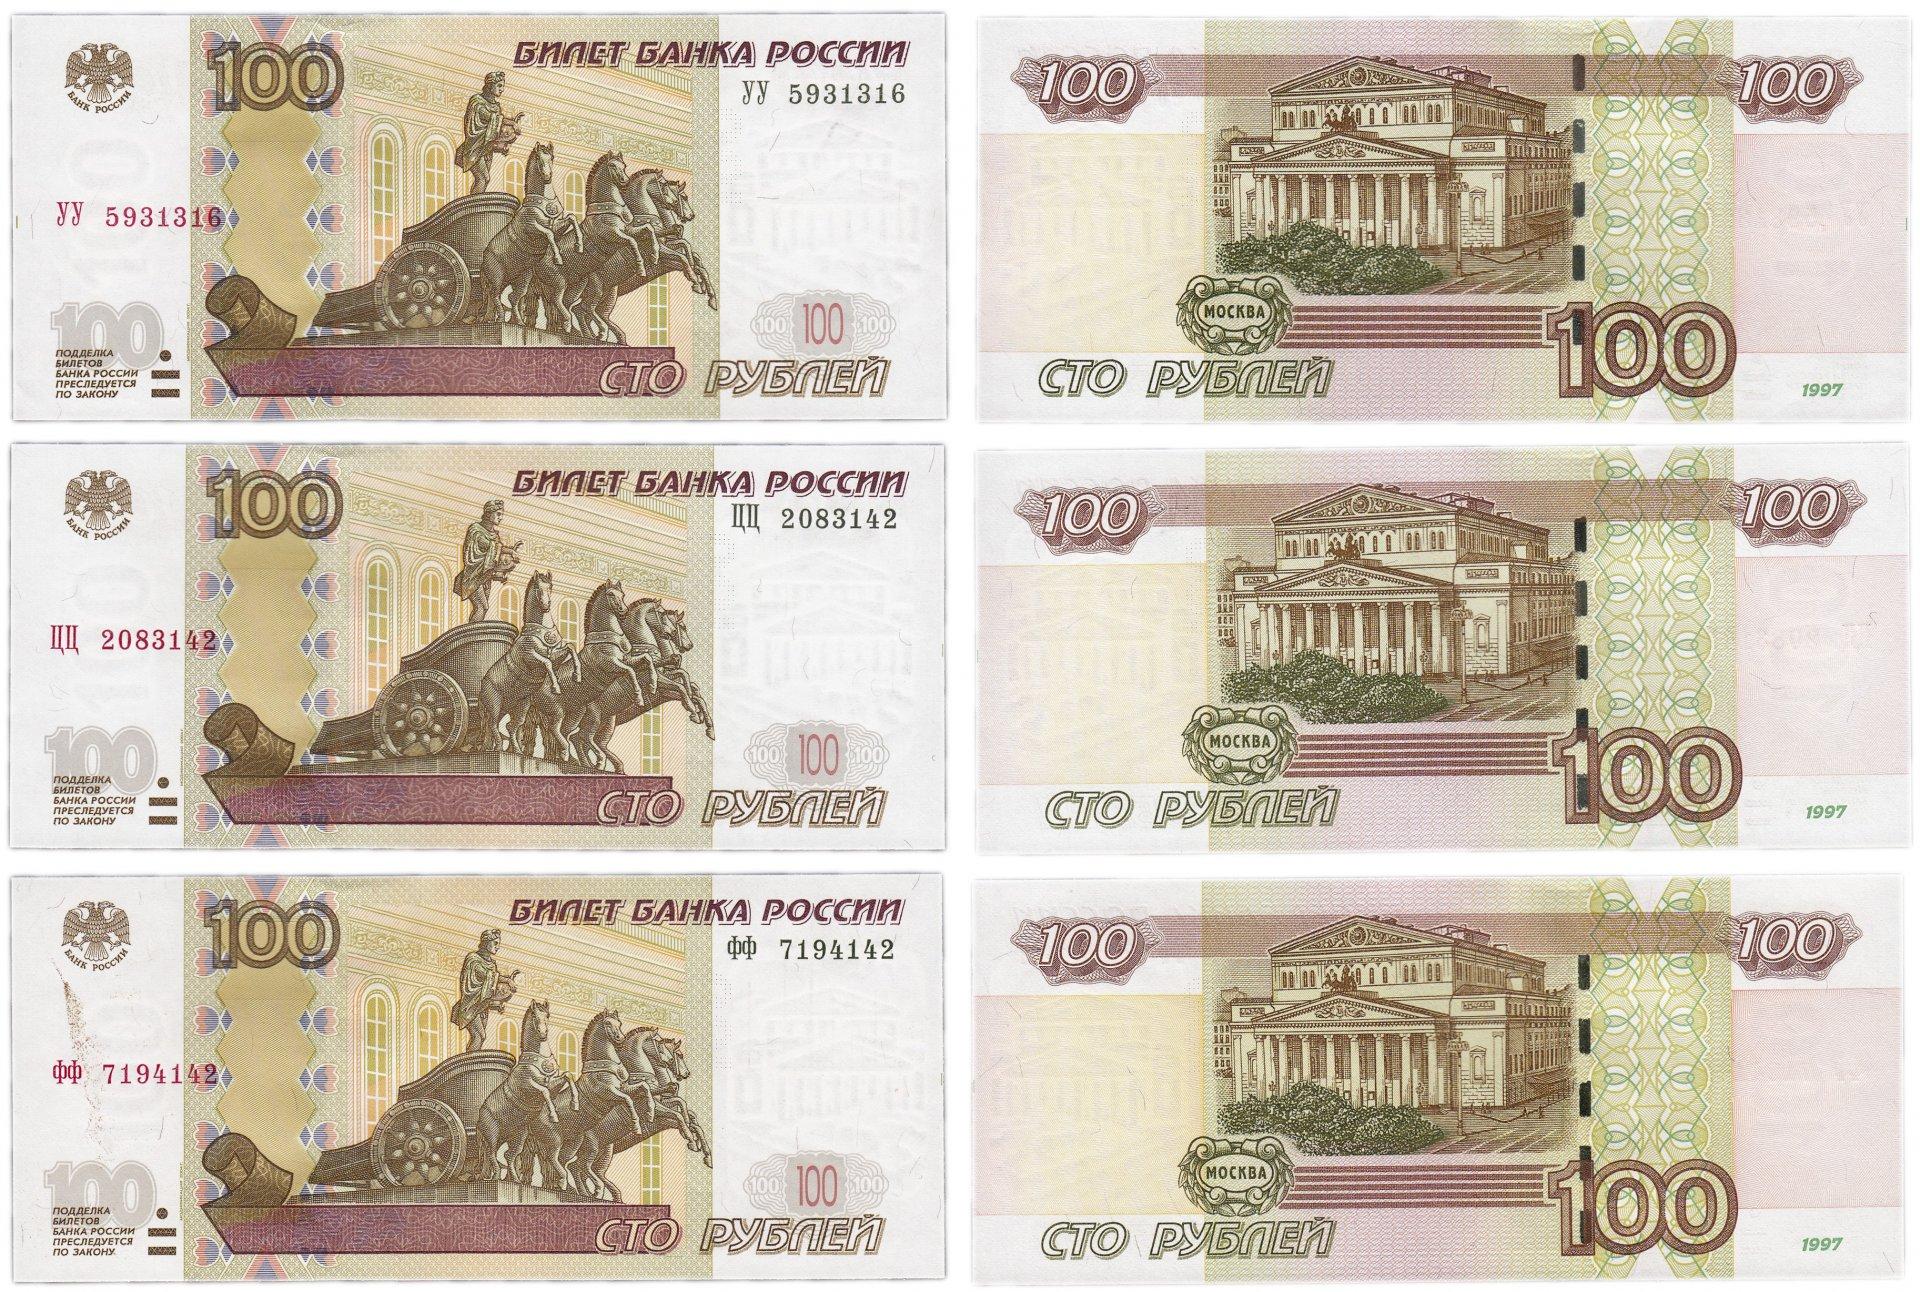 c724a9d29feb5 Купить Полный набор 100 рублей 1997 экспериментальные серии УУ, ФФ, ЦЦ (3  штуки